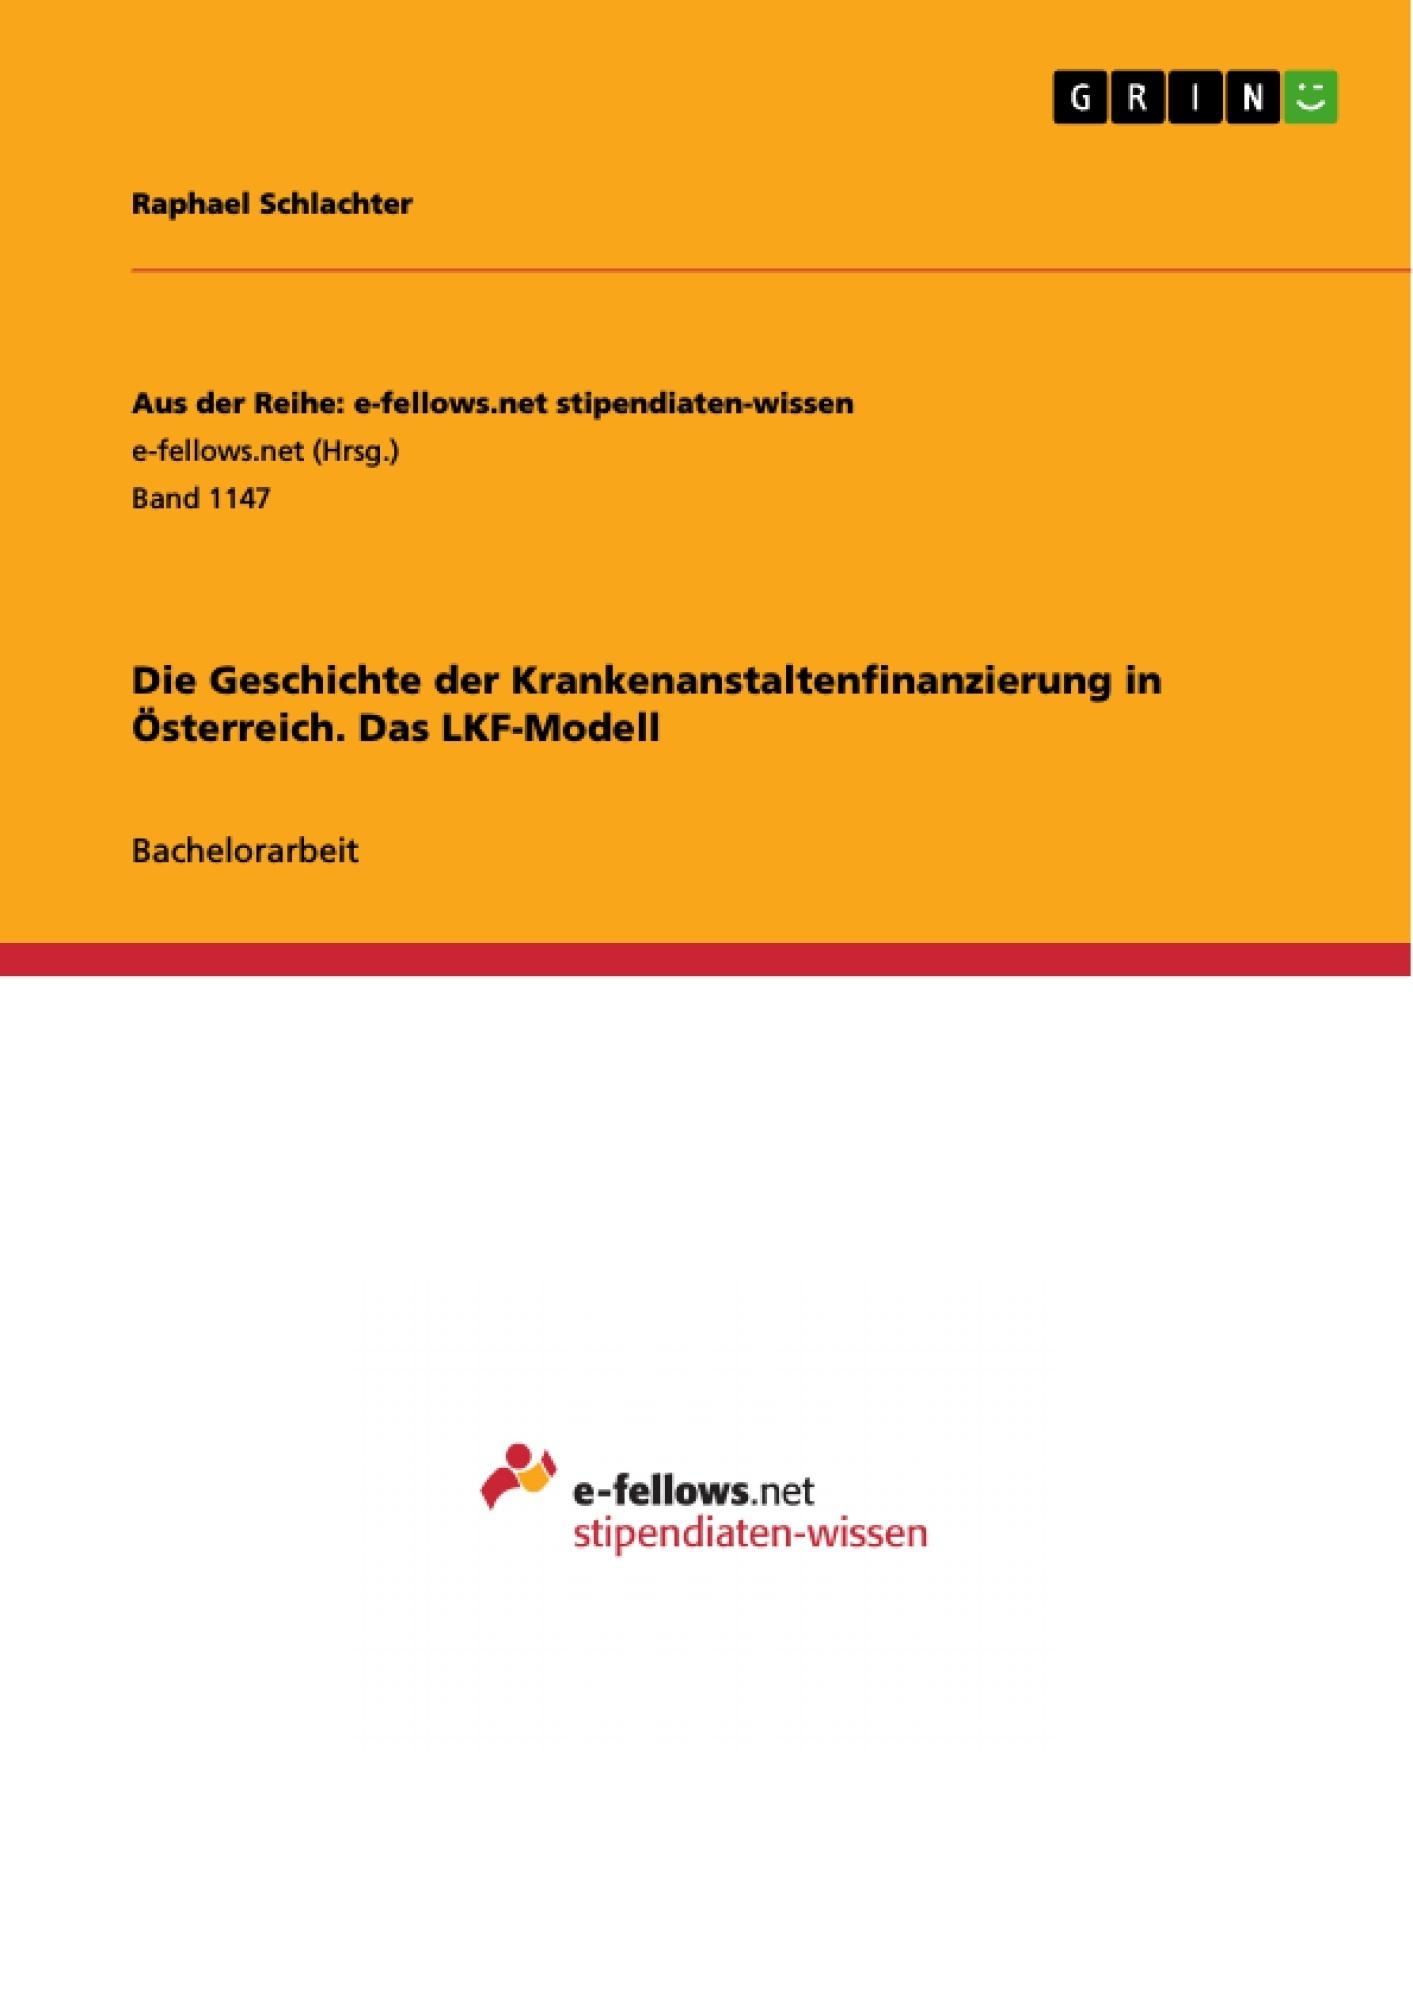 Titel: Die Geschichte der Krankenanstaltenfinanzierung in Österreich. Das LKF-Modell